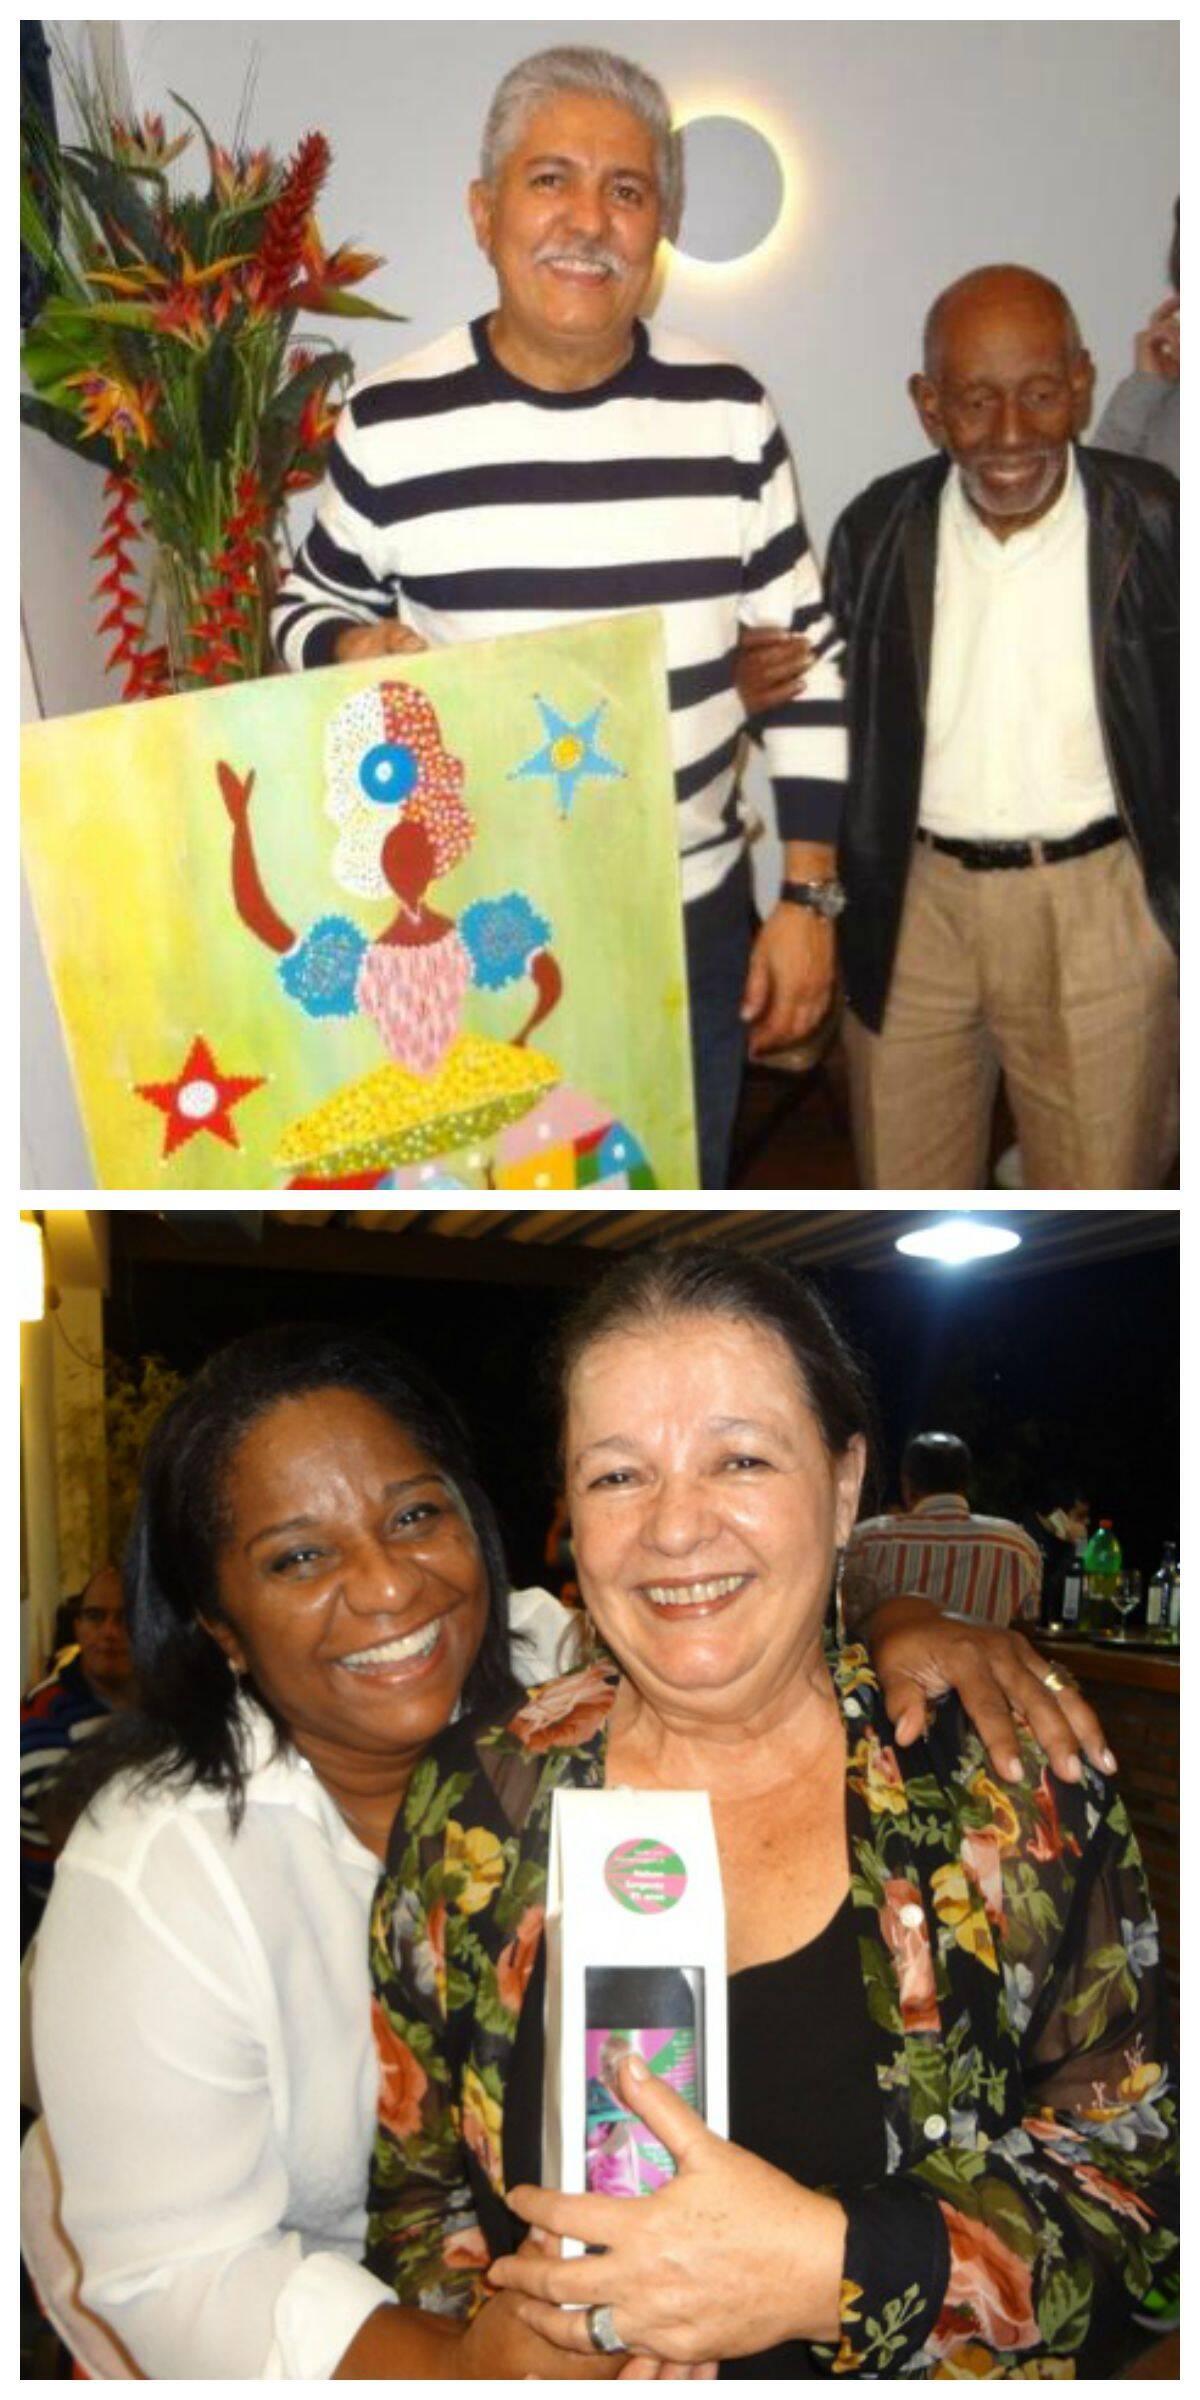 No alto, Carlos Rosa recebe de presente mais um dos quadros de Nelson Sargento; acima, Nilcemar Nogueira, neta de Cartola e Dona Zica e diretora do Centro Cultural Cartola com a atriz Beth Mendes/ Fotos: Rejane Guerra